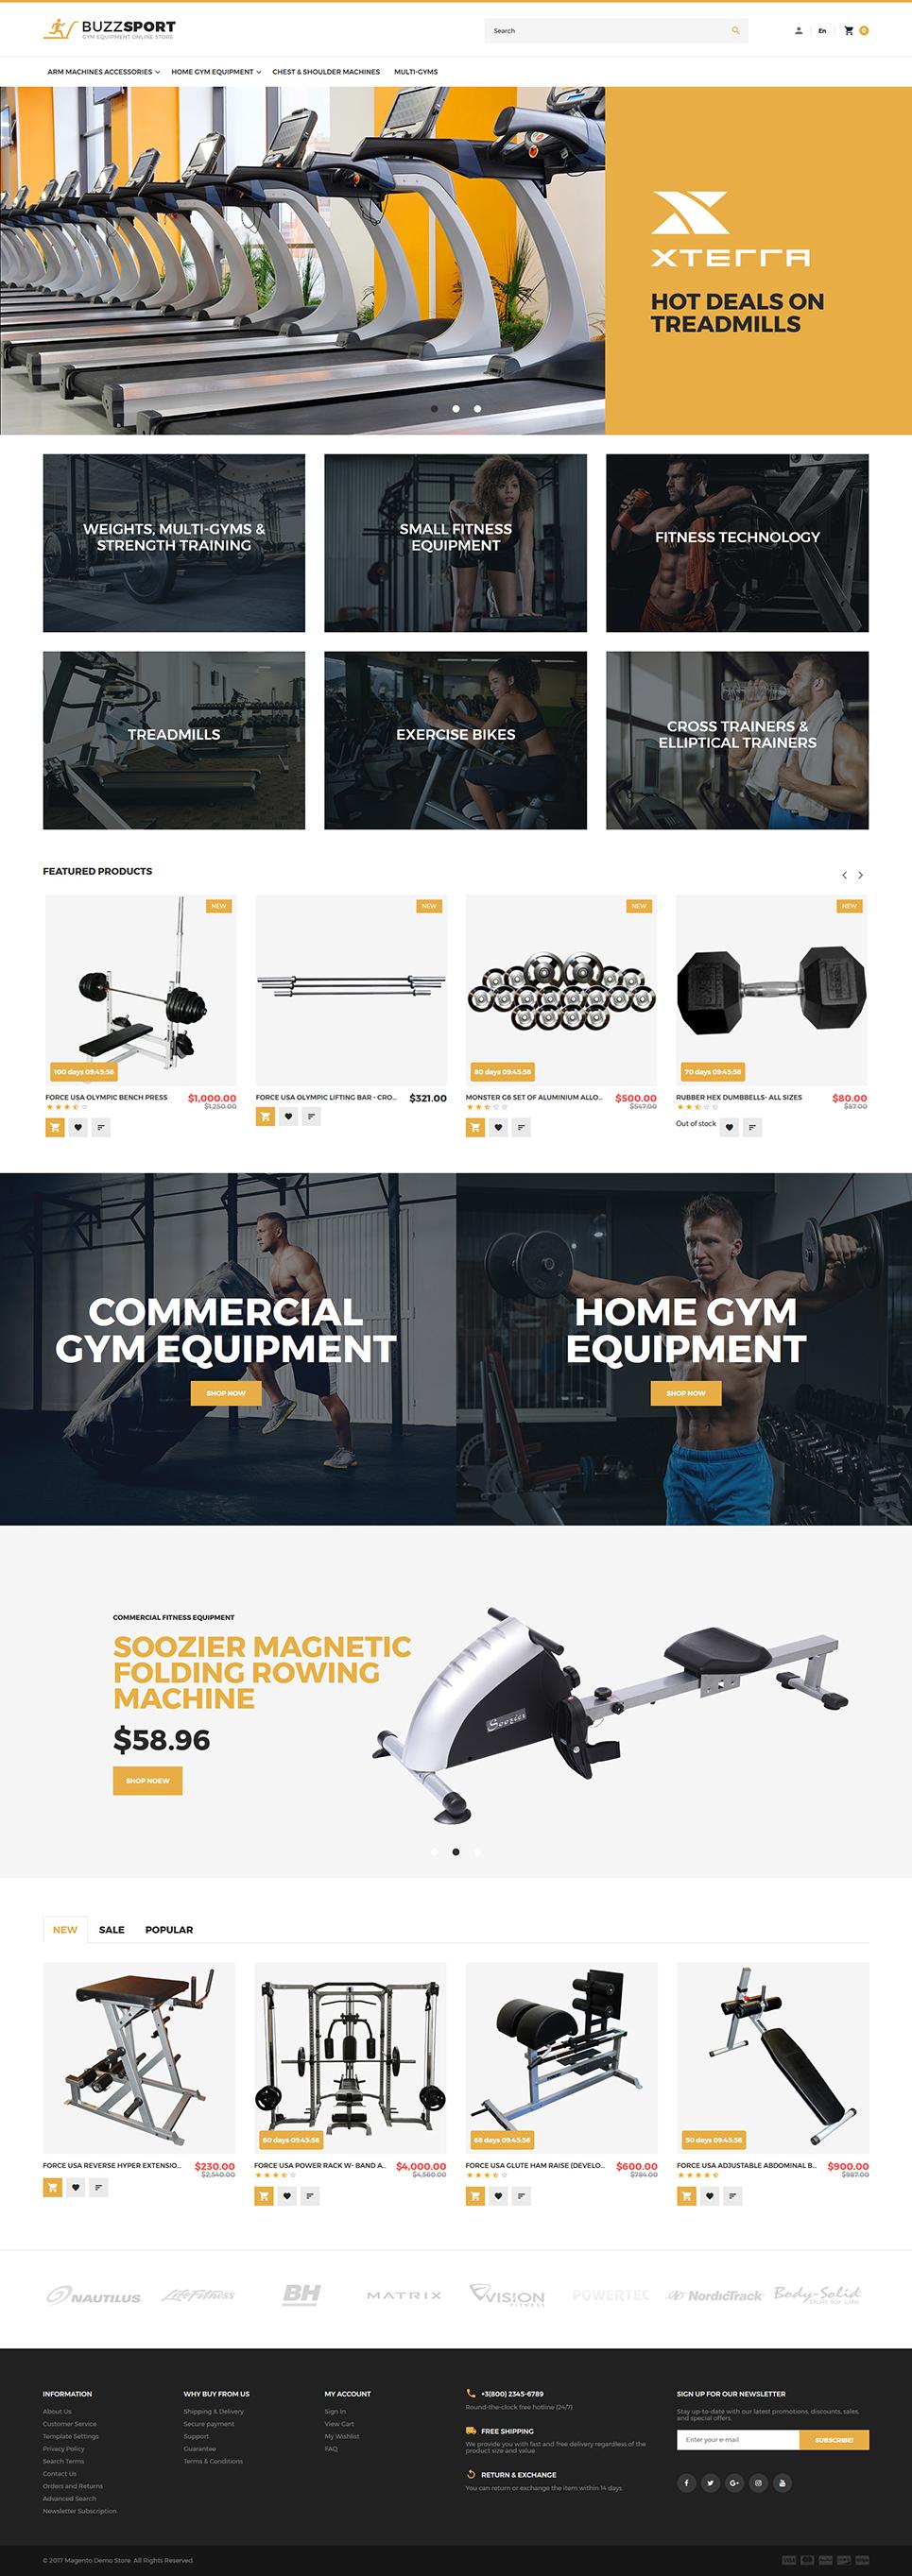 BuzzSport - Gym Equipment Magento 2 Theme 955ce95014